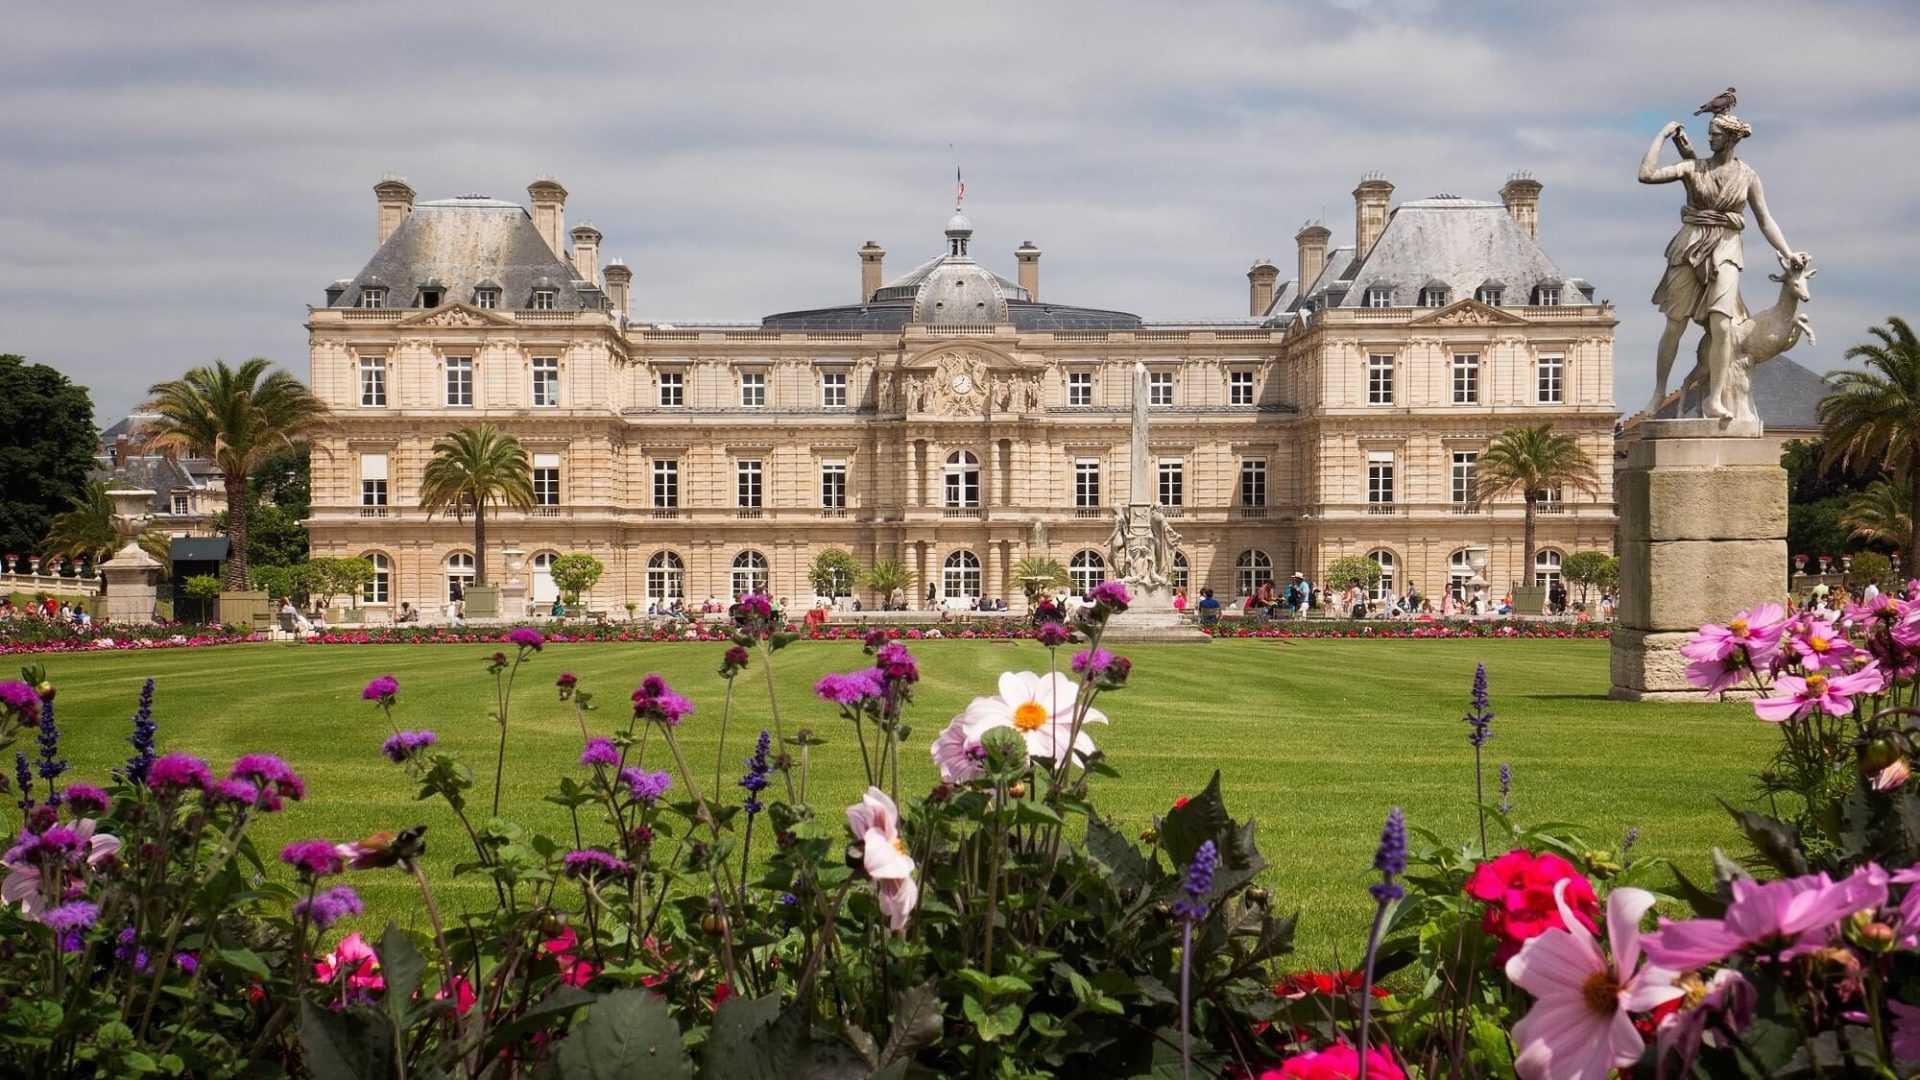 גני לוקסמבורג פריז - הכירו את הריאה הירוקה והפופולרית של פריז